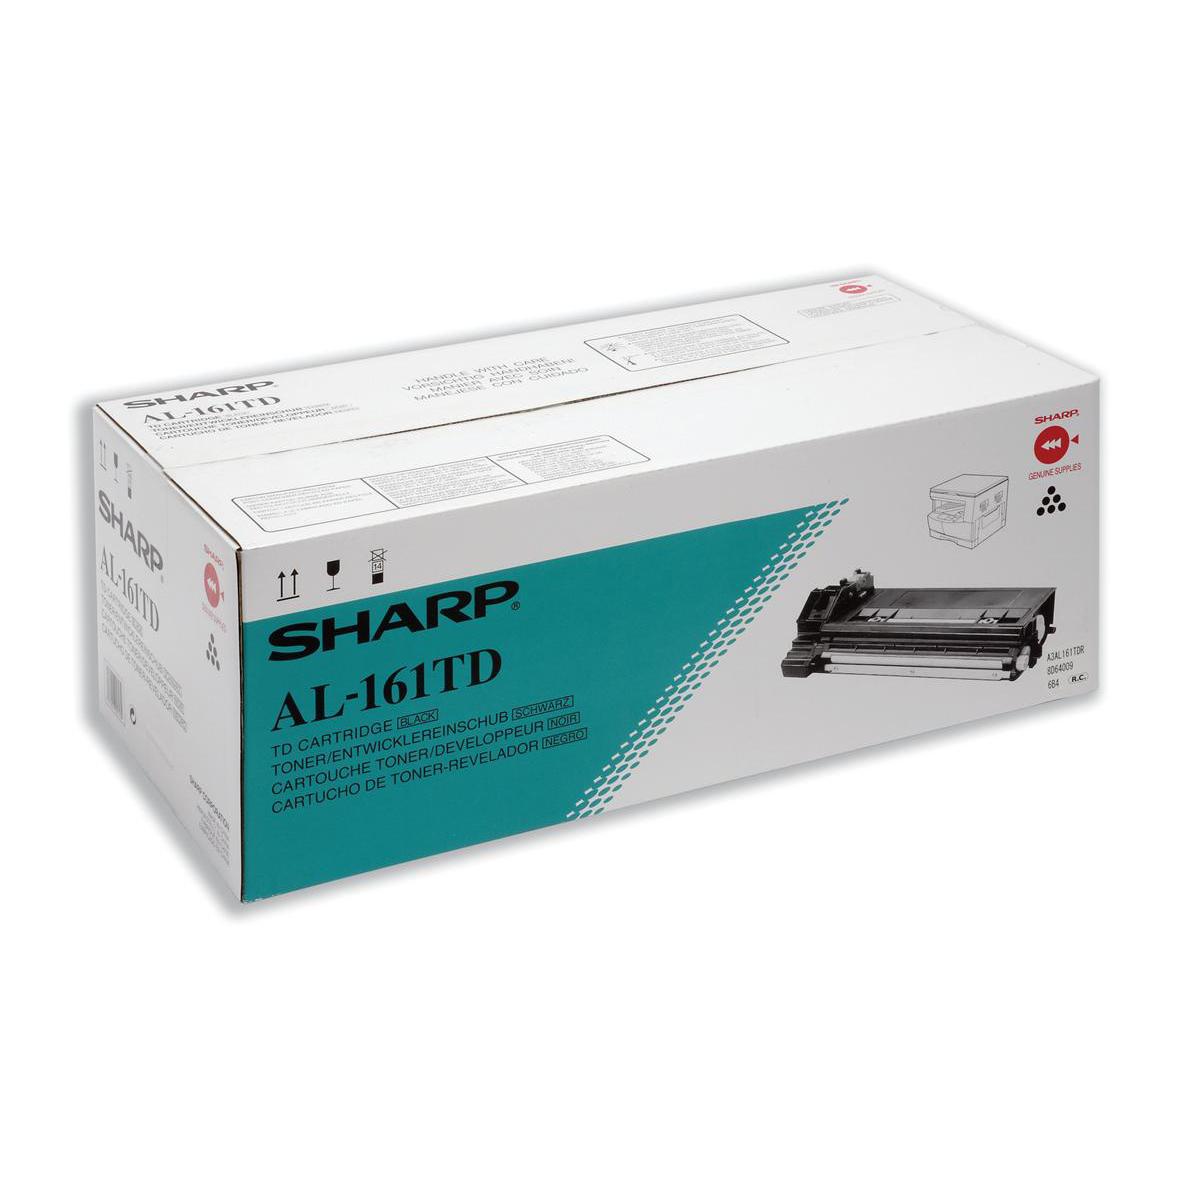 Laser Toner Cartridges Sharp Laser Toner Cartridge Page Life 9000pp Black Ref AL161TD